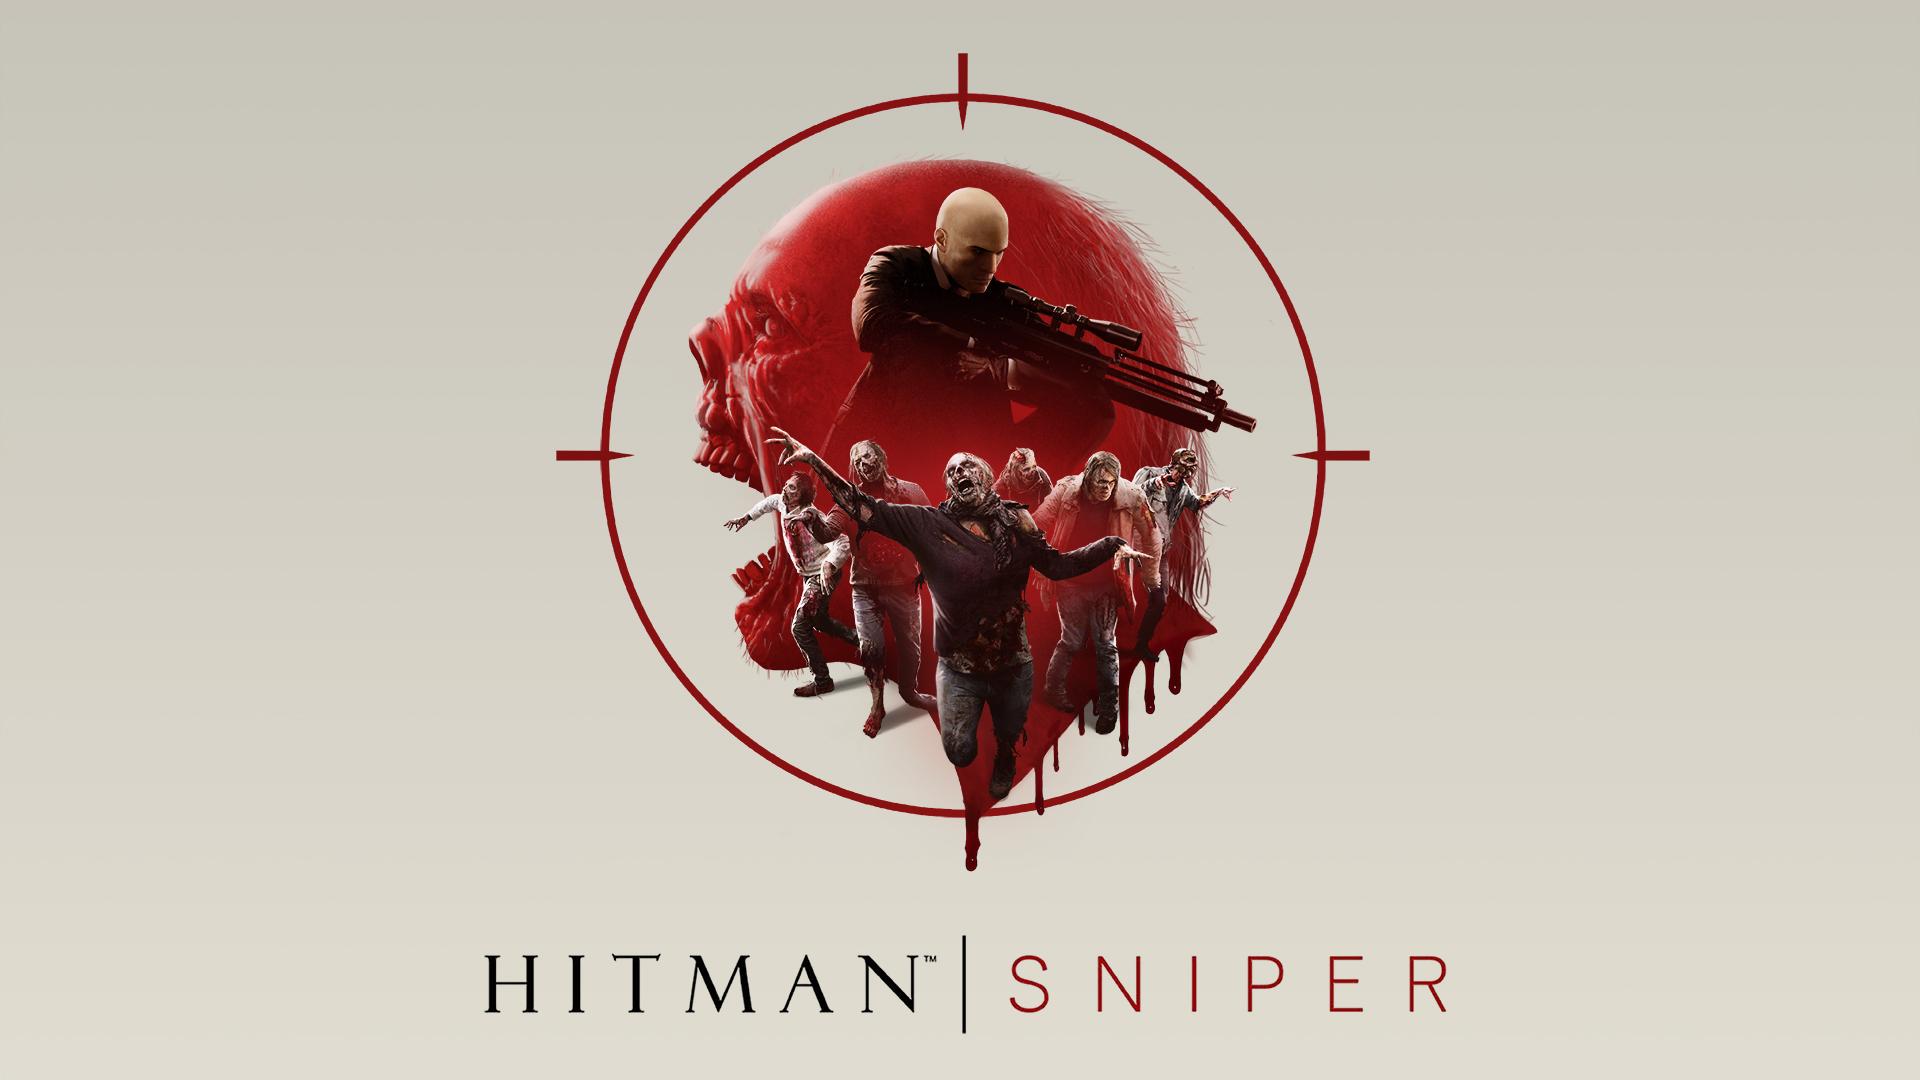 Hitman: Sniper 1920X1080 Wallpaper